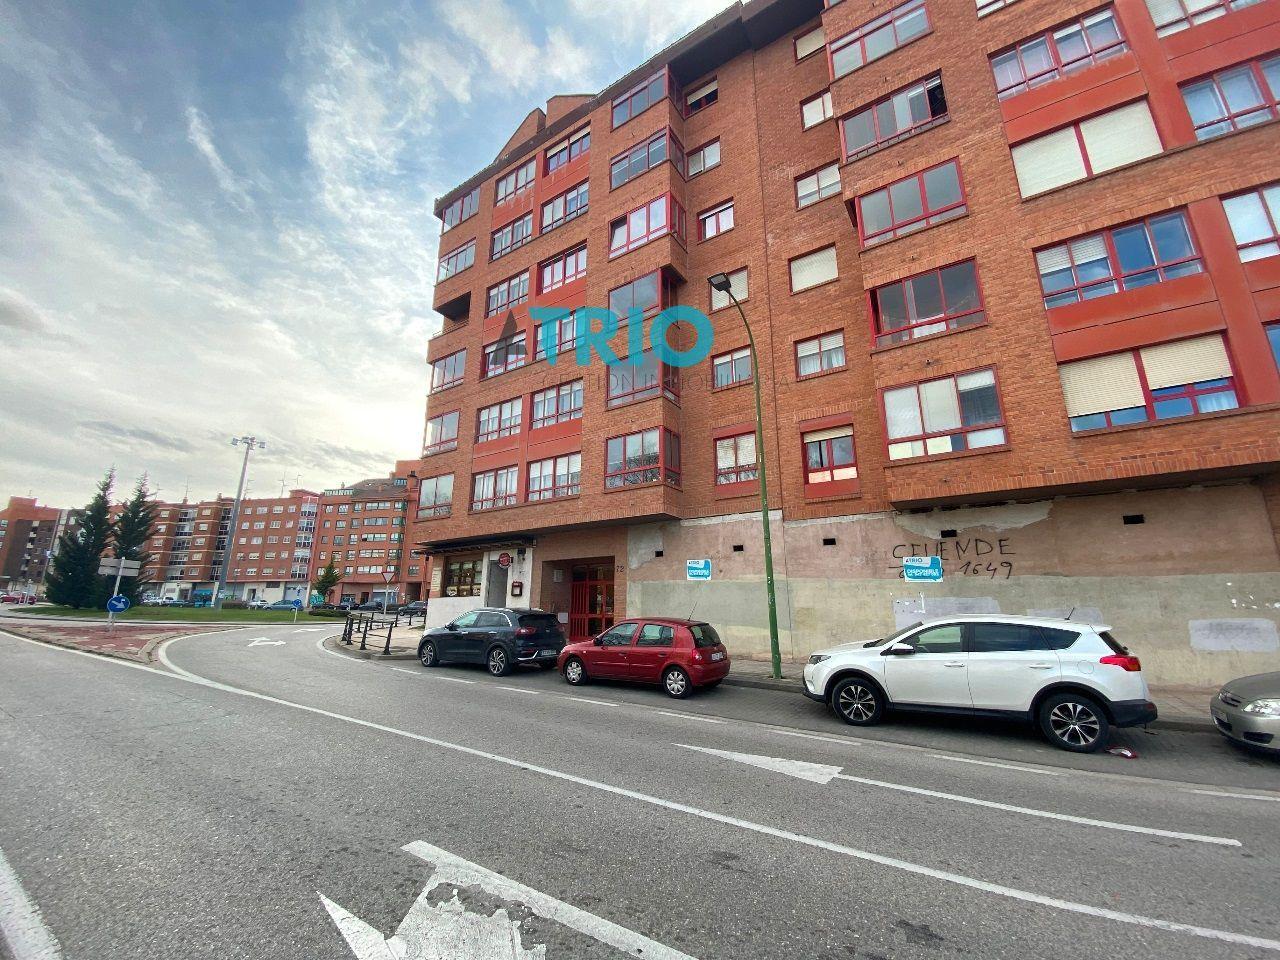 dia.mobiliagestion.es/Portals/inmoatrio/Images/6652/4231568